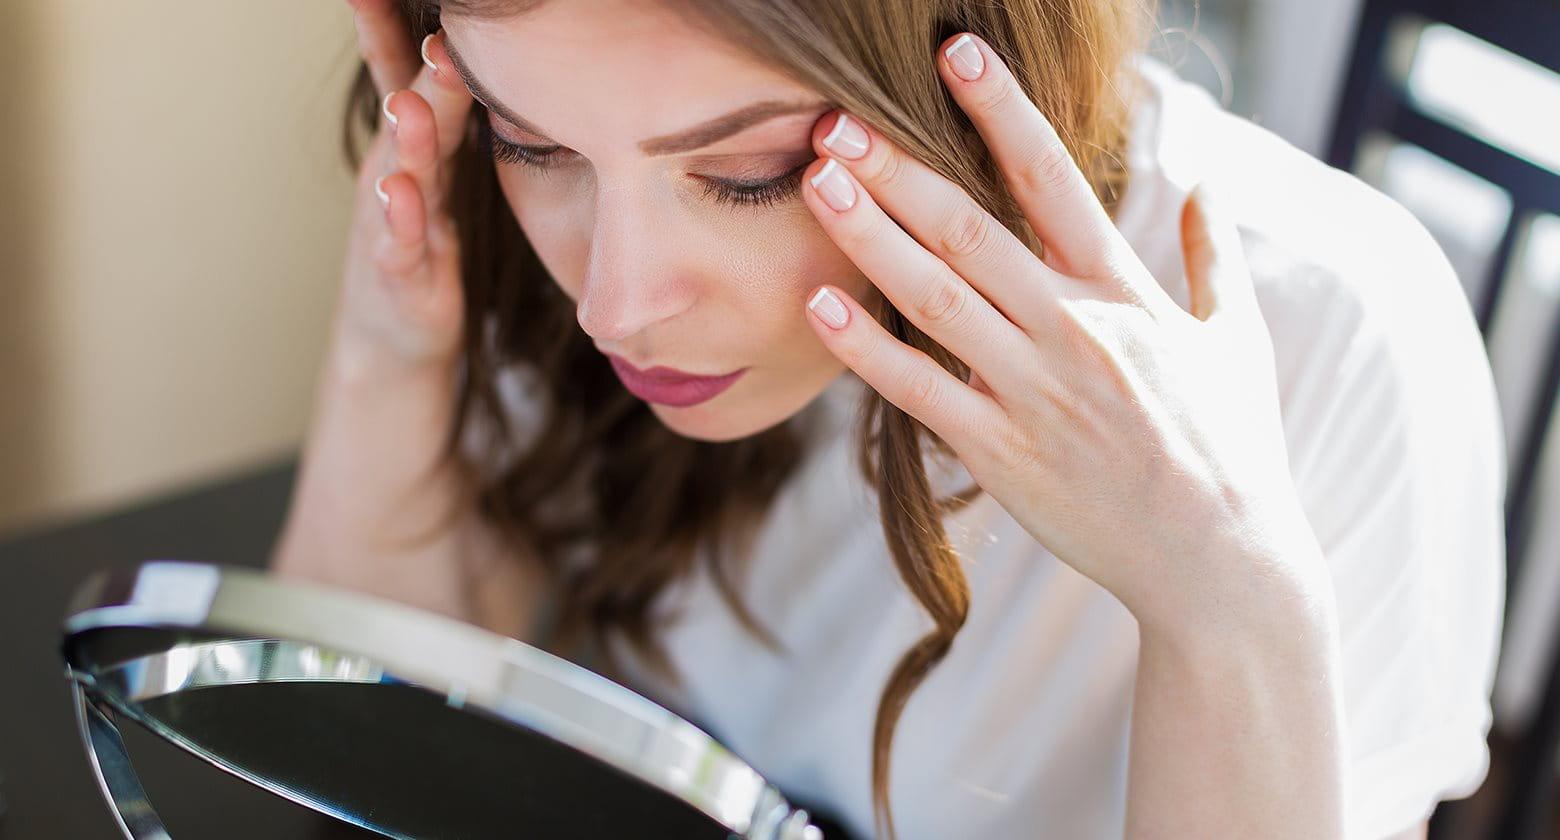 Productos para el cuidado de la piel con acné y antienvejecimiento, y recomendaciones de rutina